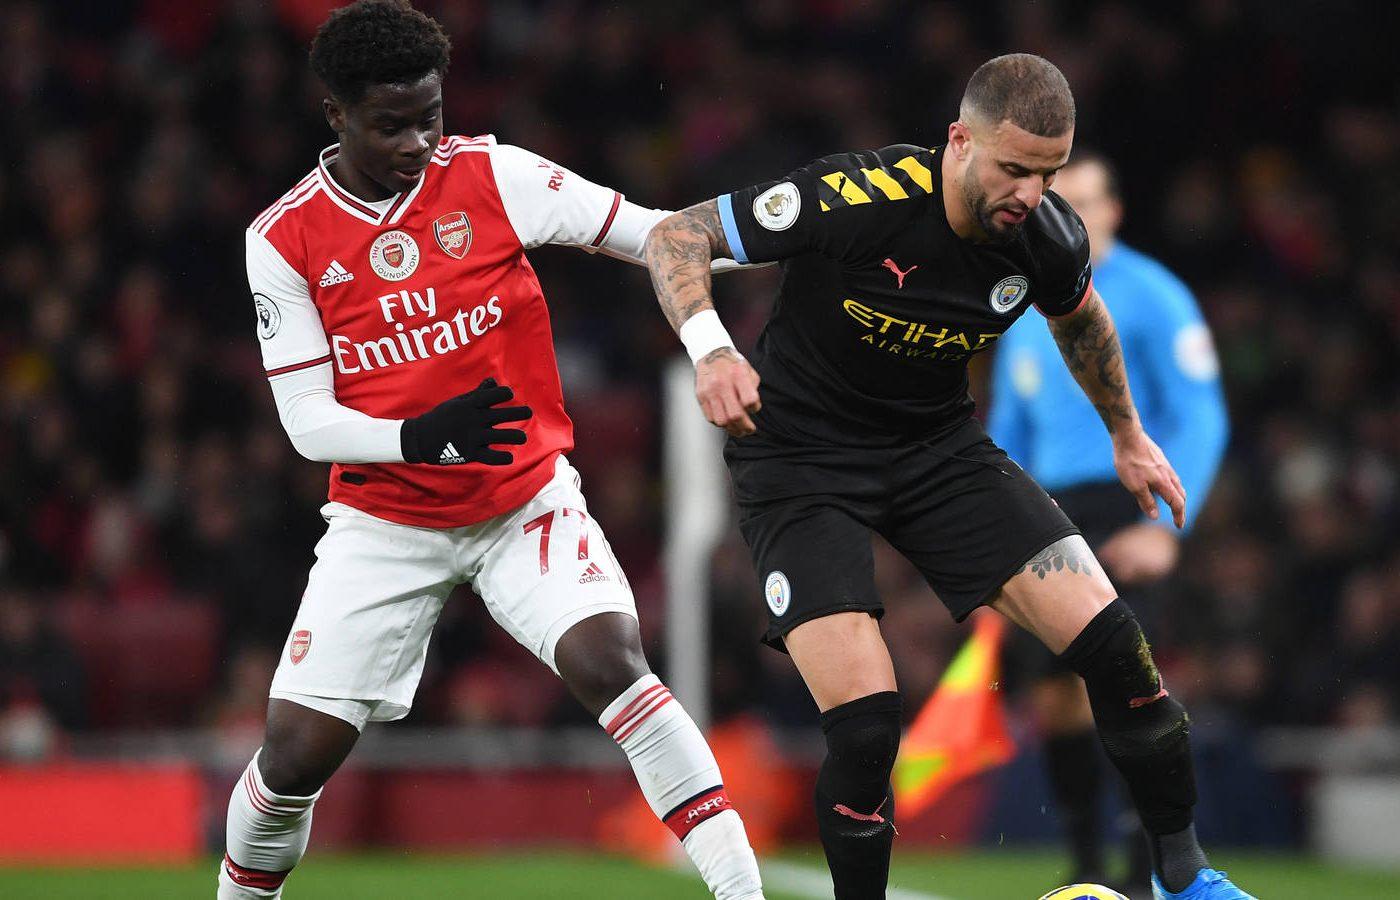 Nhận định Man City vs Arsenal, 18h30 ngày 28/8 - Ngoại hạng Anh